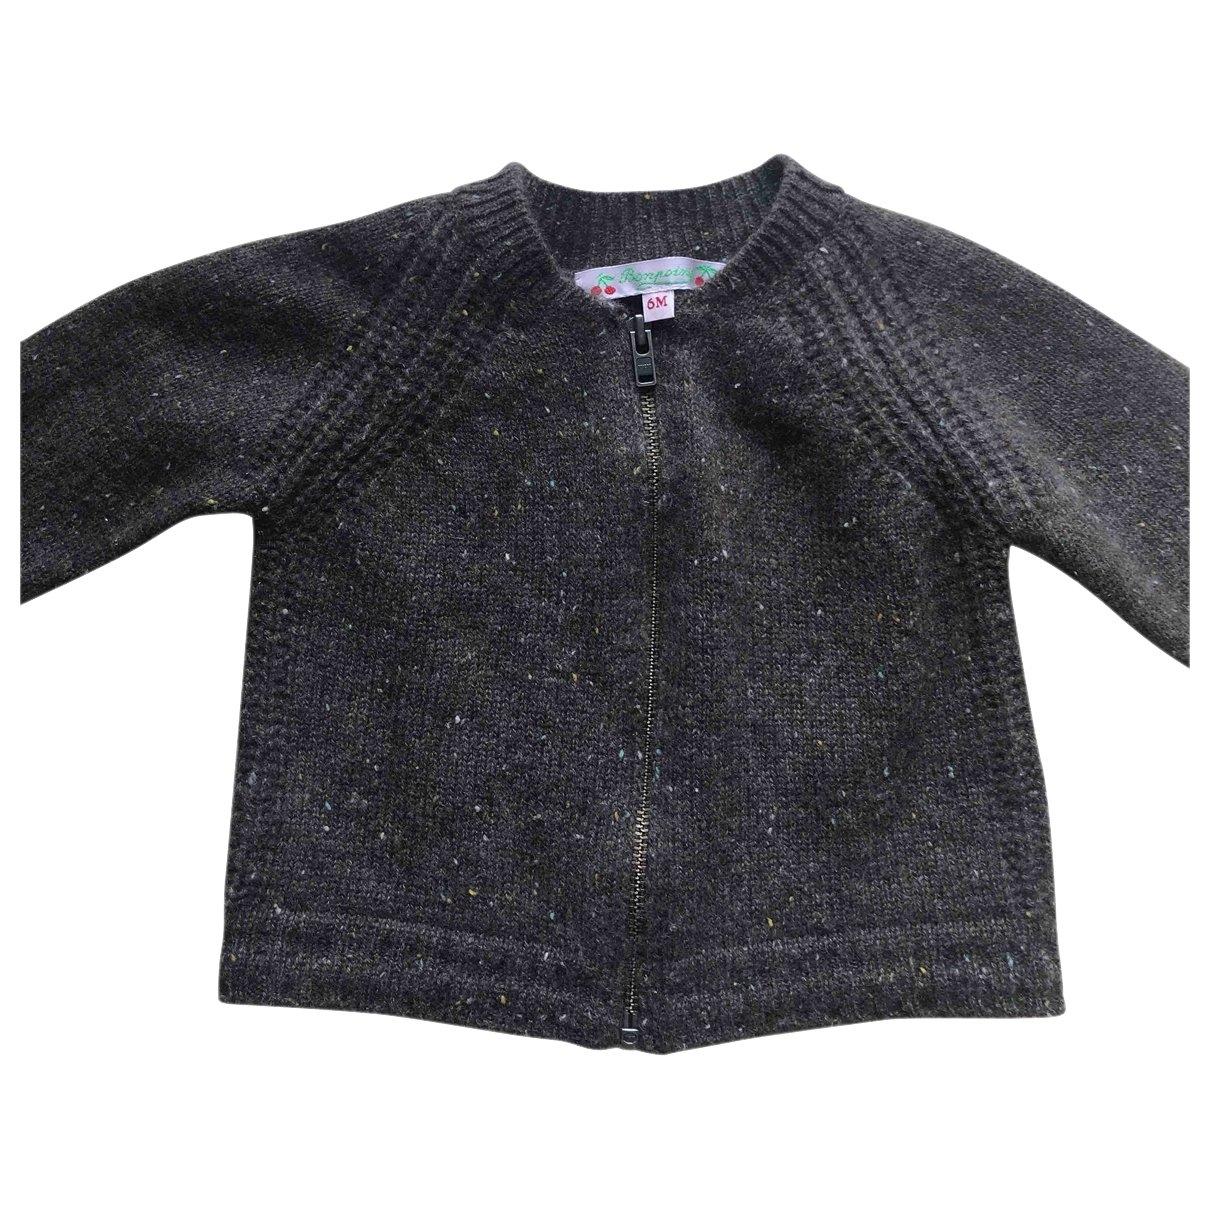 Bonpoint - Pull   pour enfant en cachemire - marron